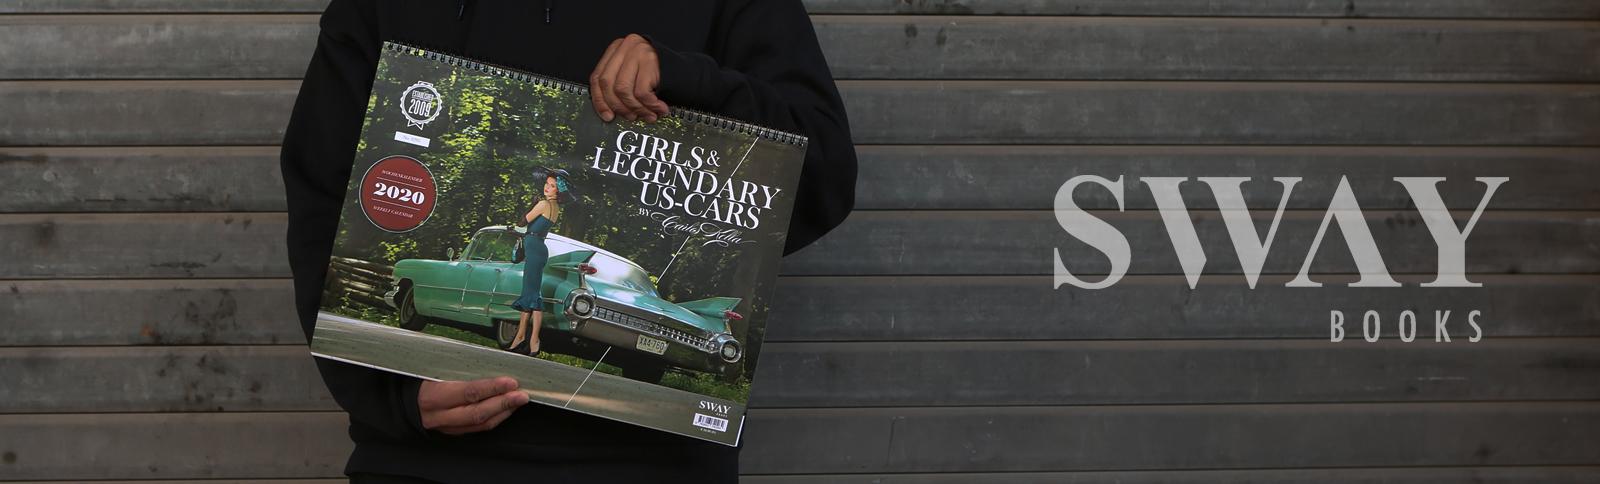 """Design und Produktionsabwicklung für die zwölfte Ausgabe des """"Girls & legendary US-Cars"""" Wochenkalenders für SWAY Books durch Kähler & Kähler."""